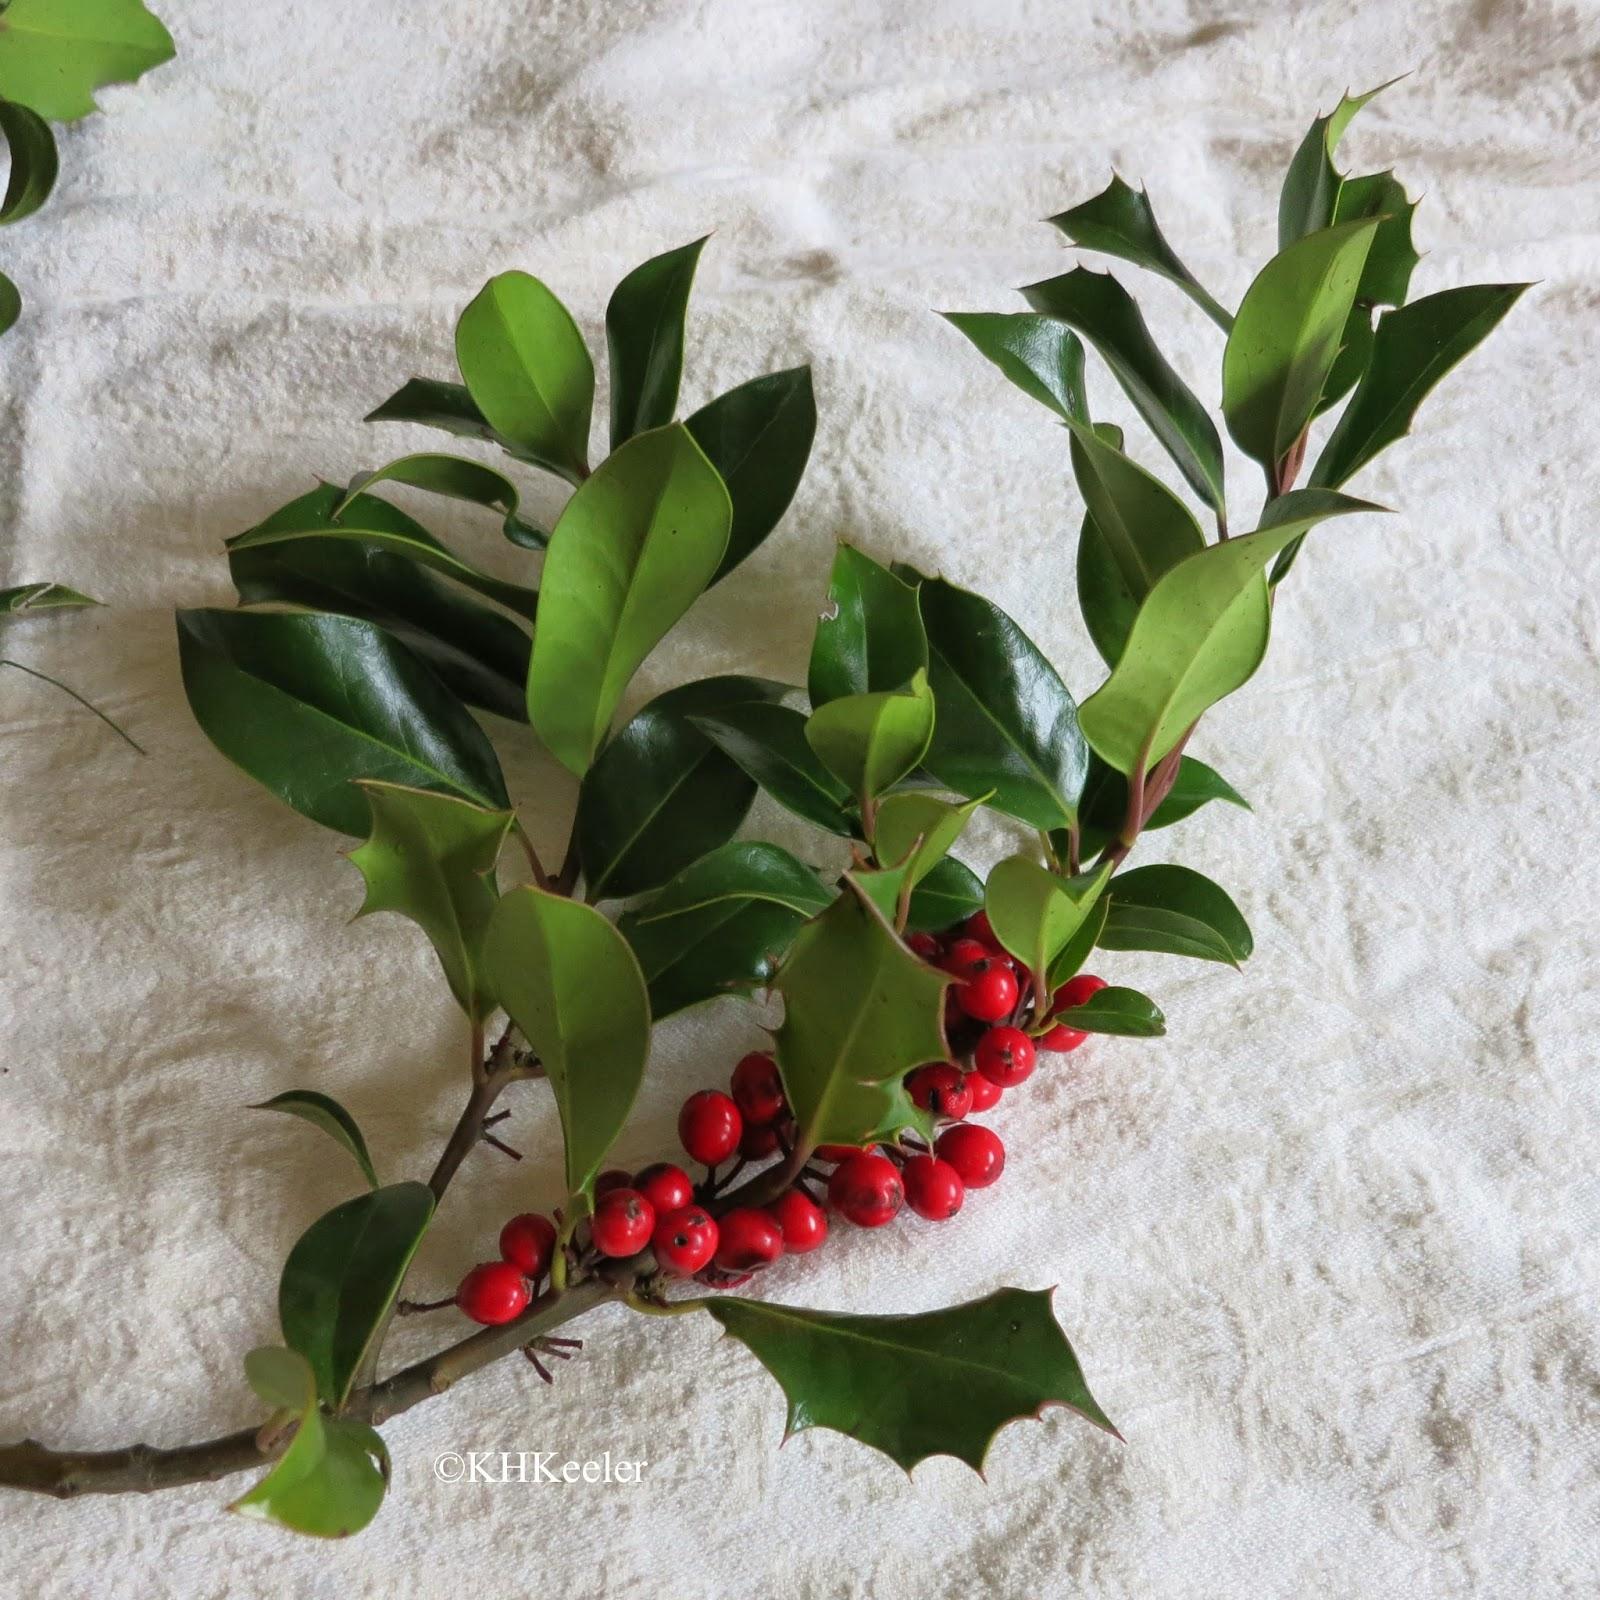 European holly, Ilex aquifolium